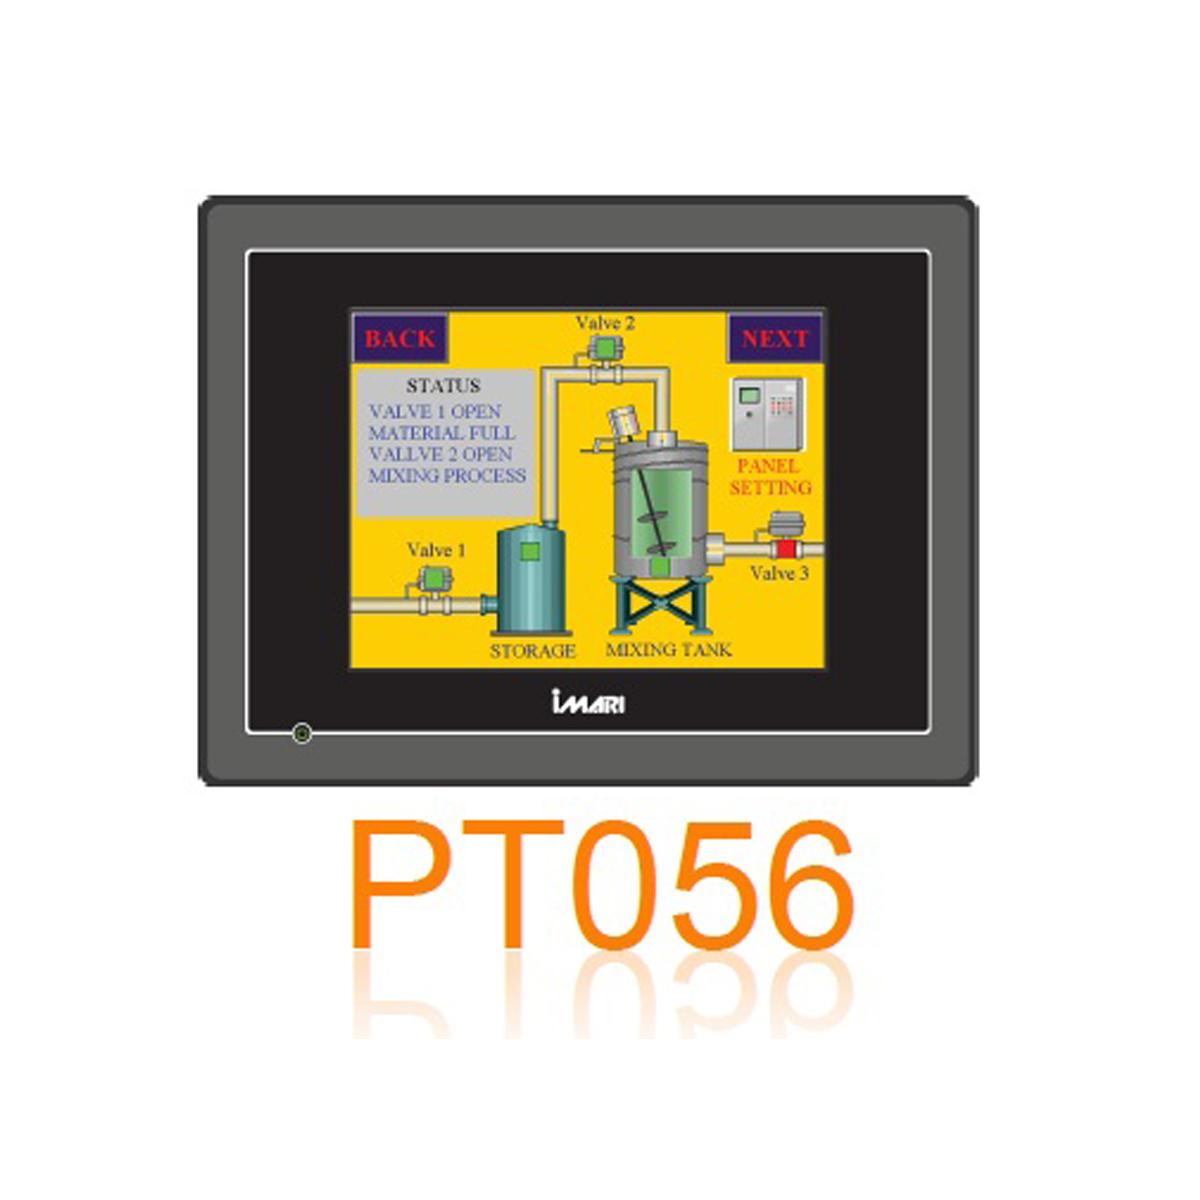 IMARI PT 056 จอสั่งการระบบสัมผัส